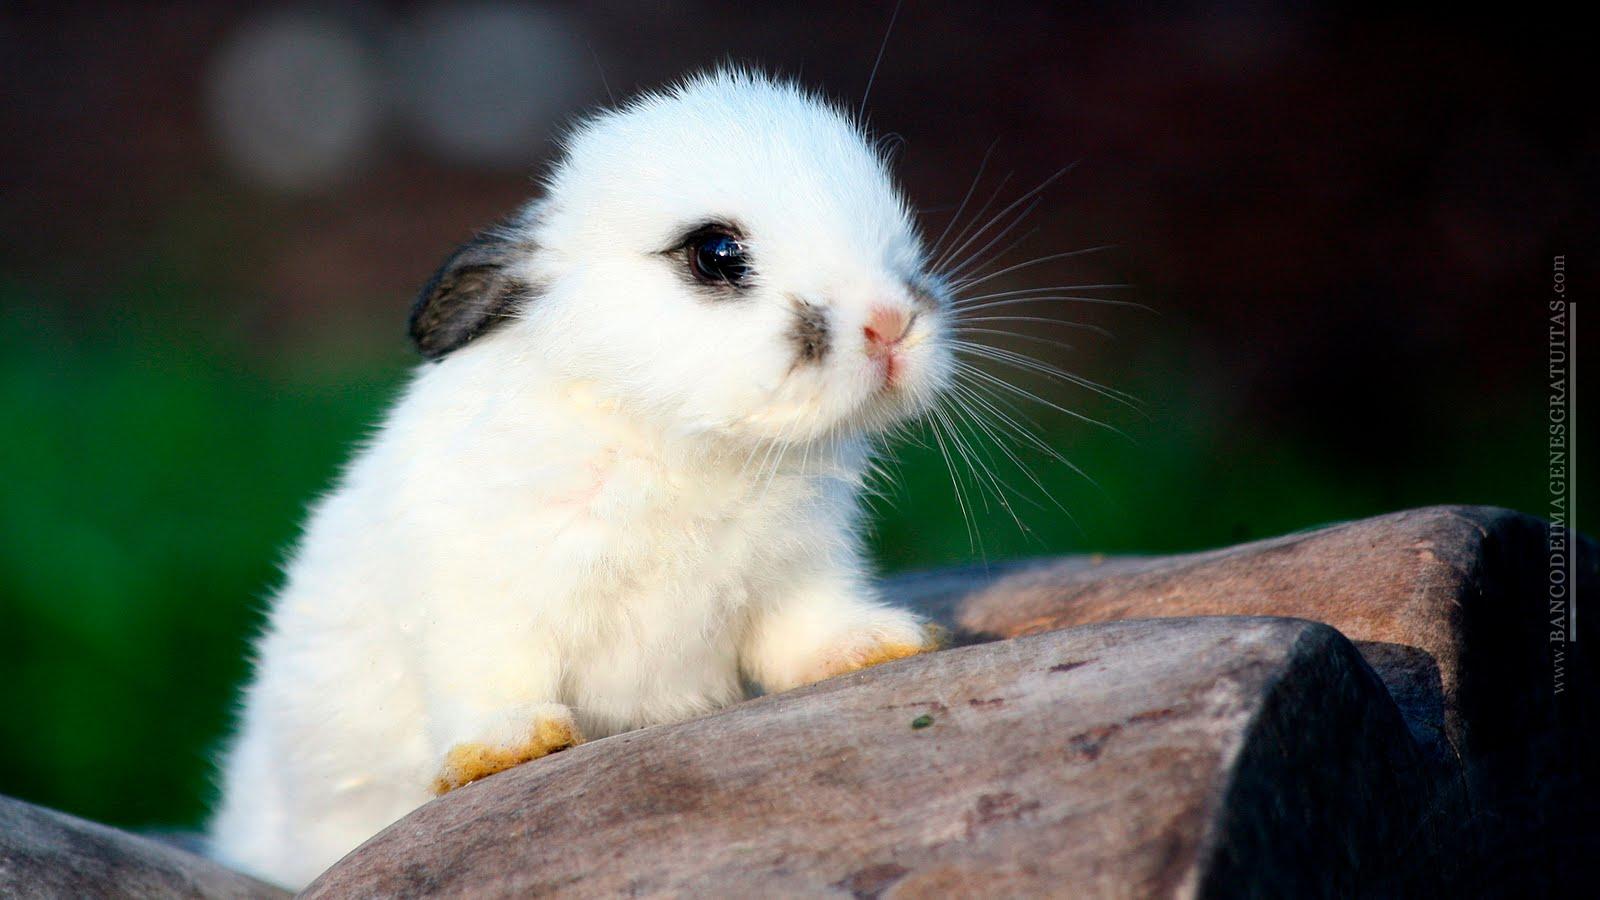 imagenes de animales lindos - Nuestra fauna (19 fotos de animales muy lindos) BANCO